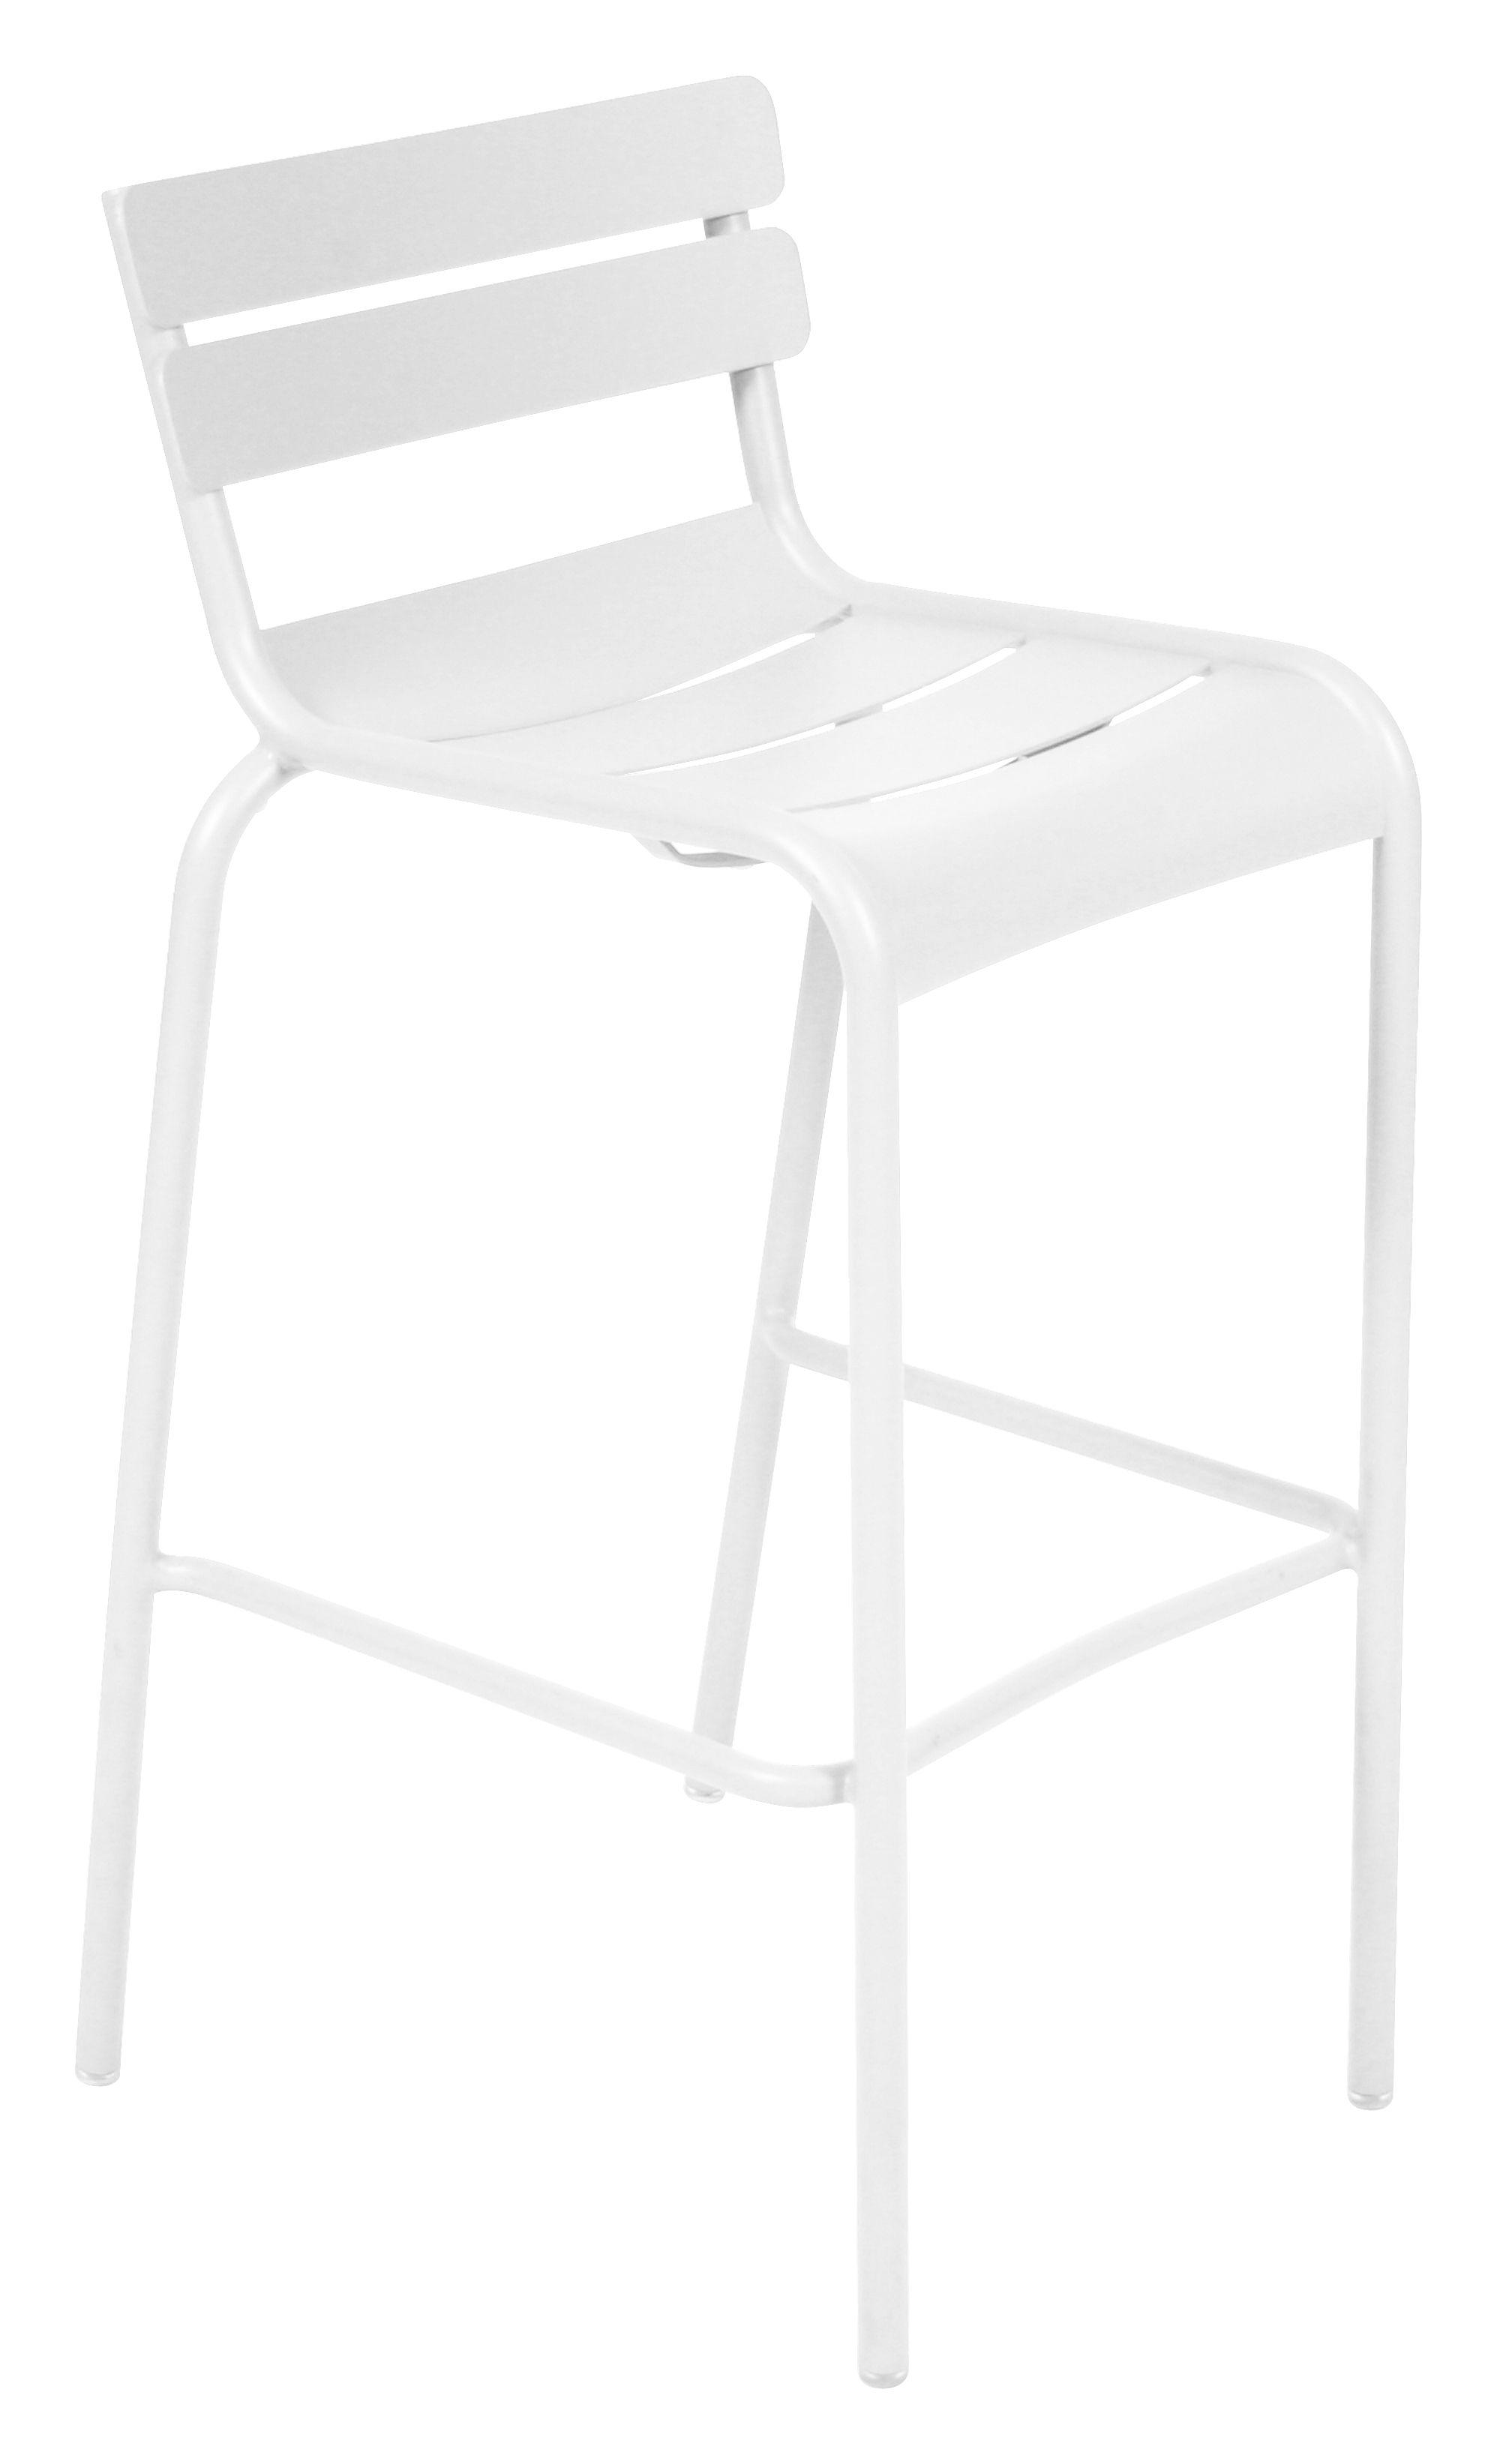 Möbel - Barhocker - Luxembourg Hochstuhl / Sitzhöhe 80 cm - Fermob - Weiß - lackiertes Aluminium